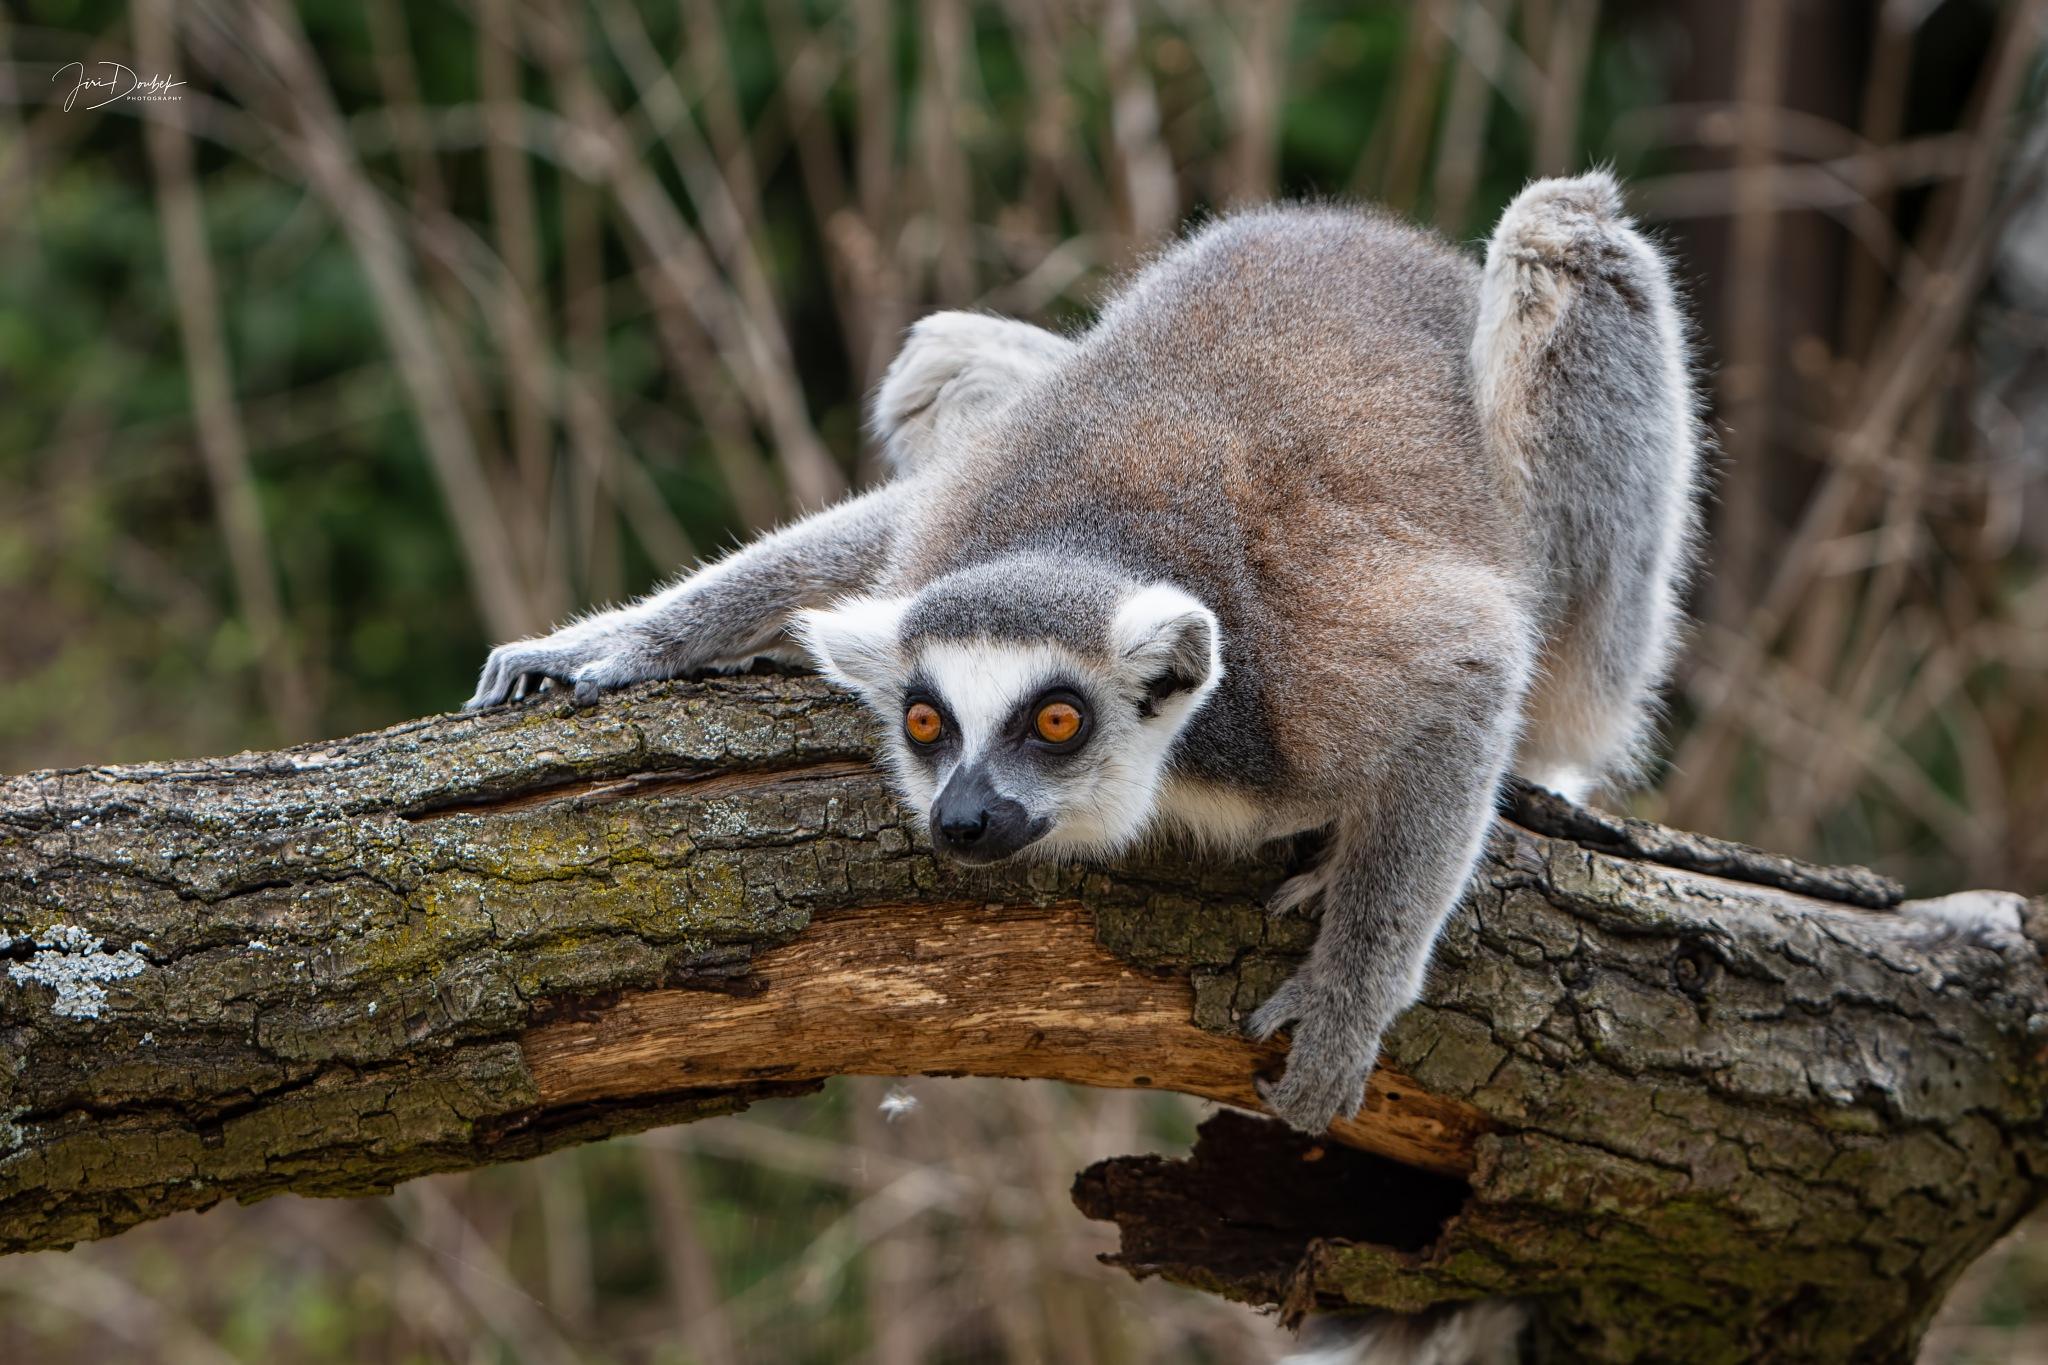 Lemur Kata by Jiri Doubek